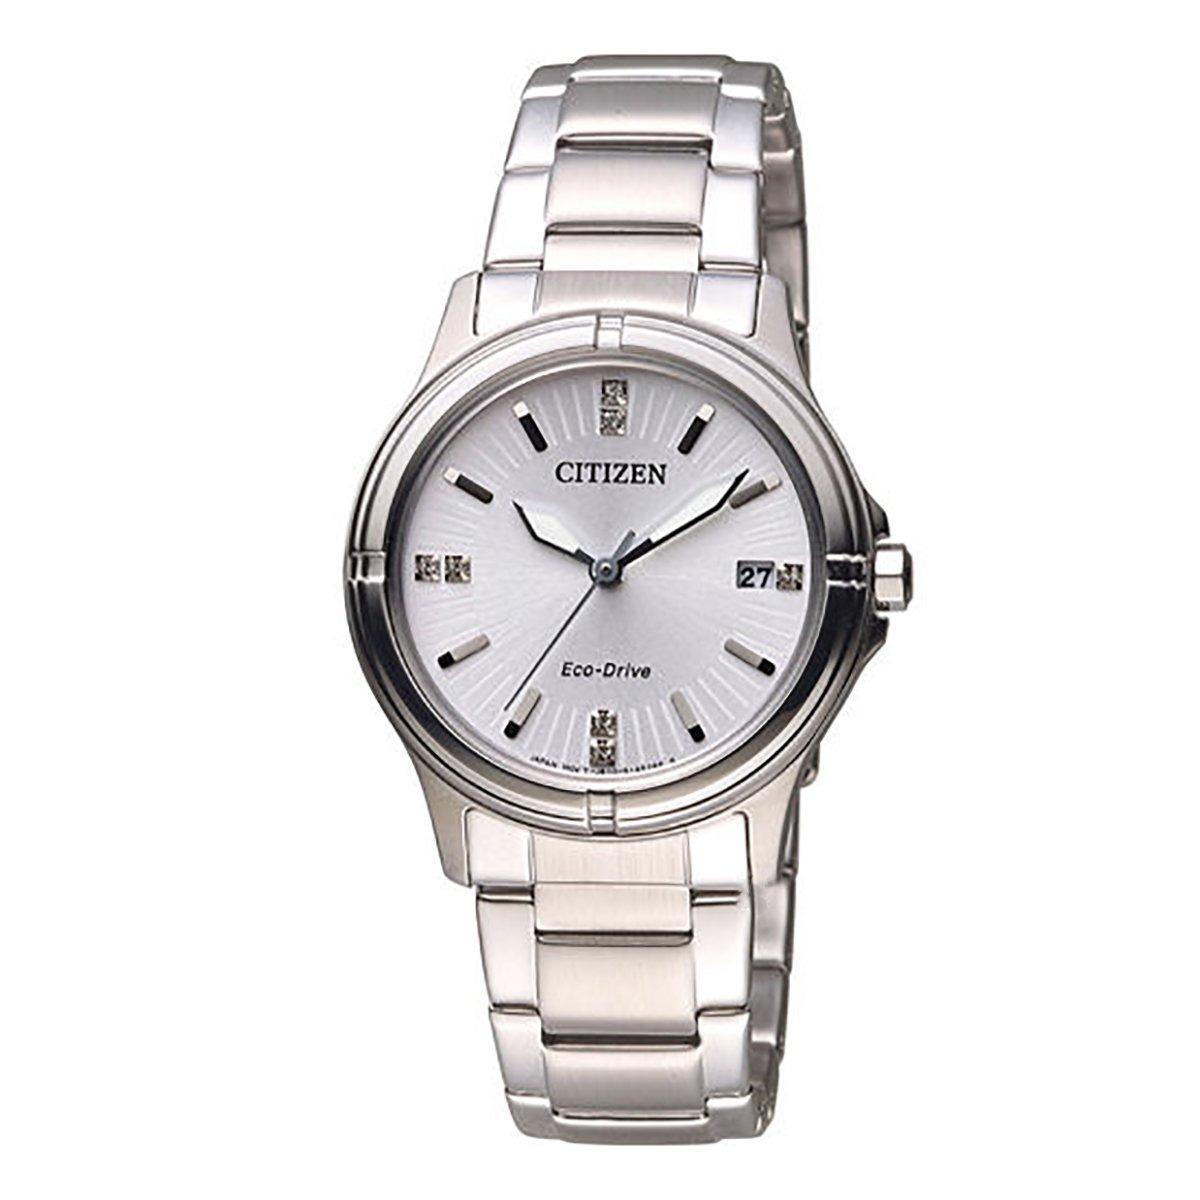 0e0e901559a45 Reloj Citizen Mujer Fe6050-55a Eco-drive Ag. Oficial Envío ...